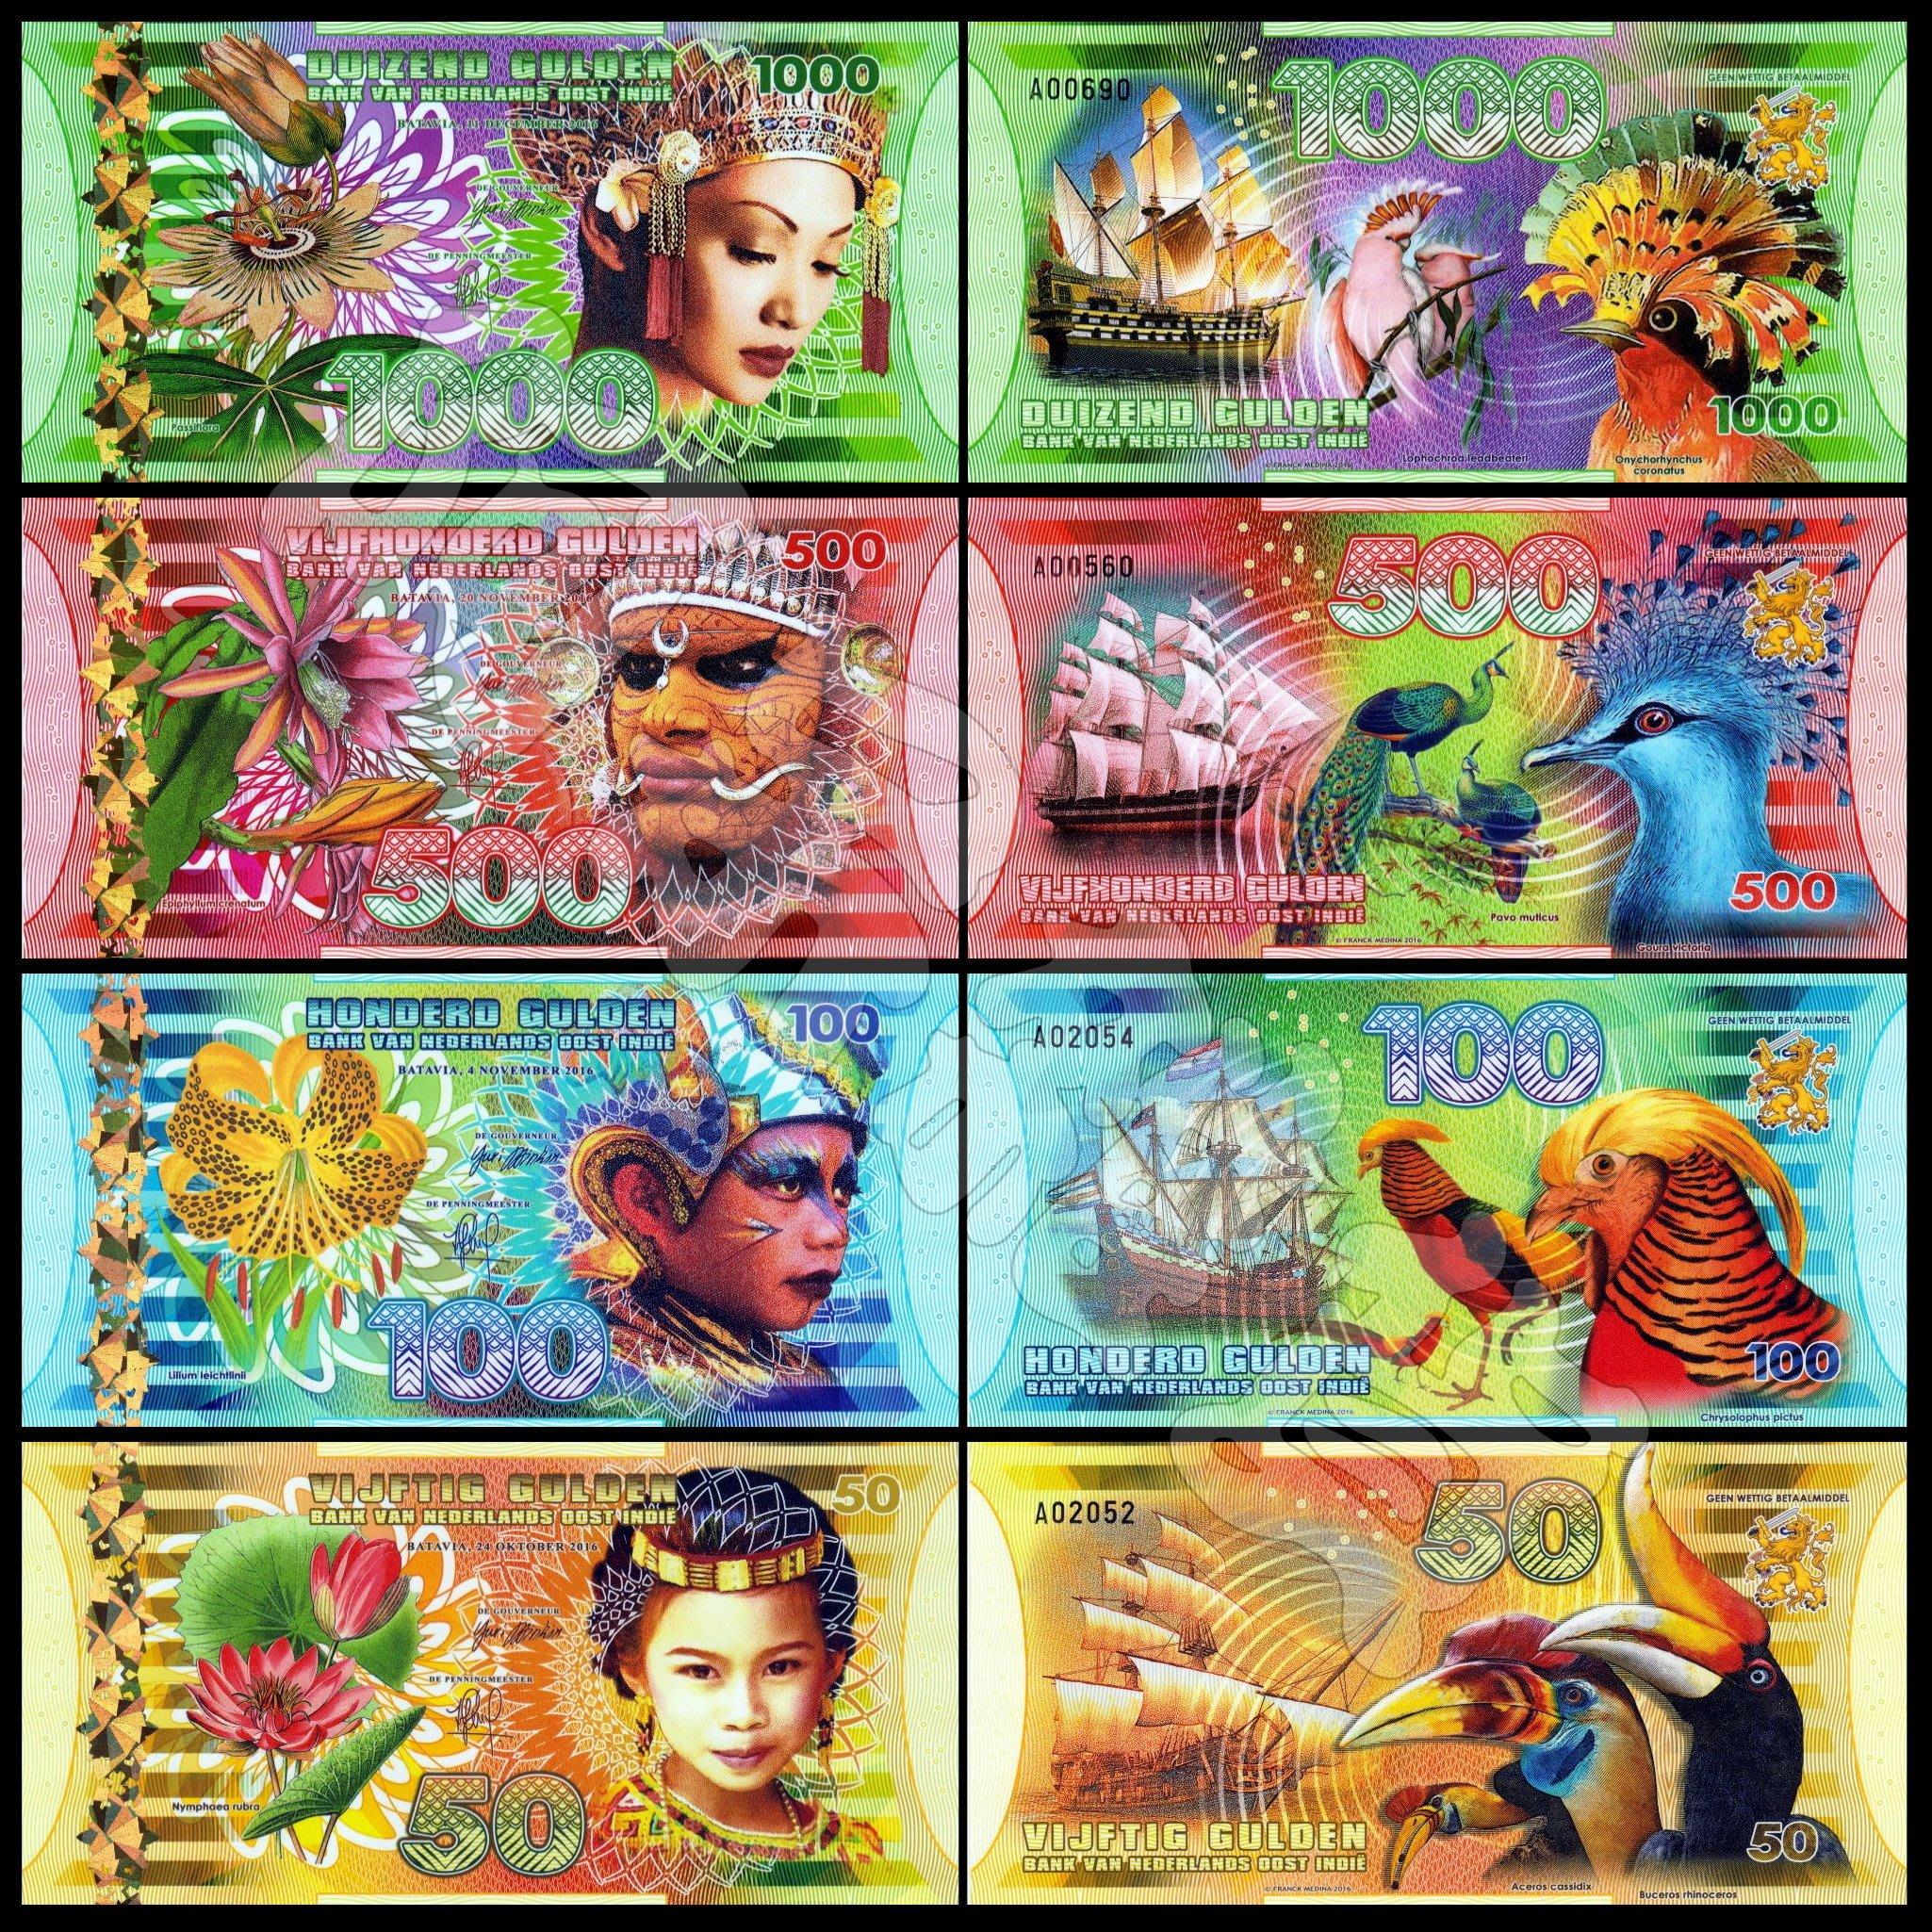 森羅本舖 現貨實拍 荷屬東印度 50-1000盾 四張一套 塑料鈔 孔雀 蘇拉皺盔犀鳥 商業紀念鈔 猴 螃蟹 人物